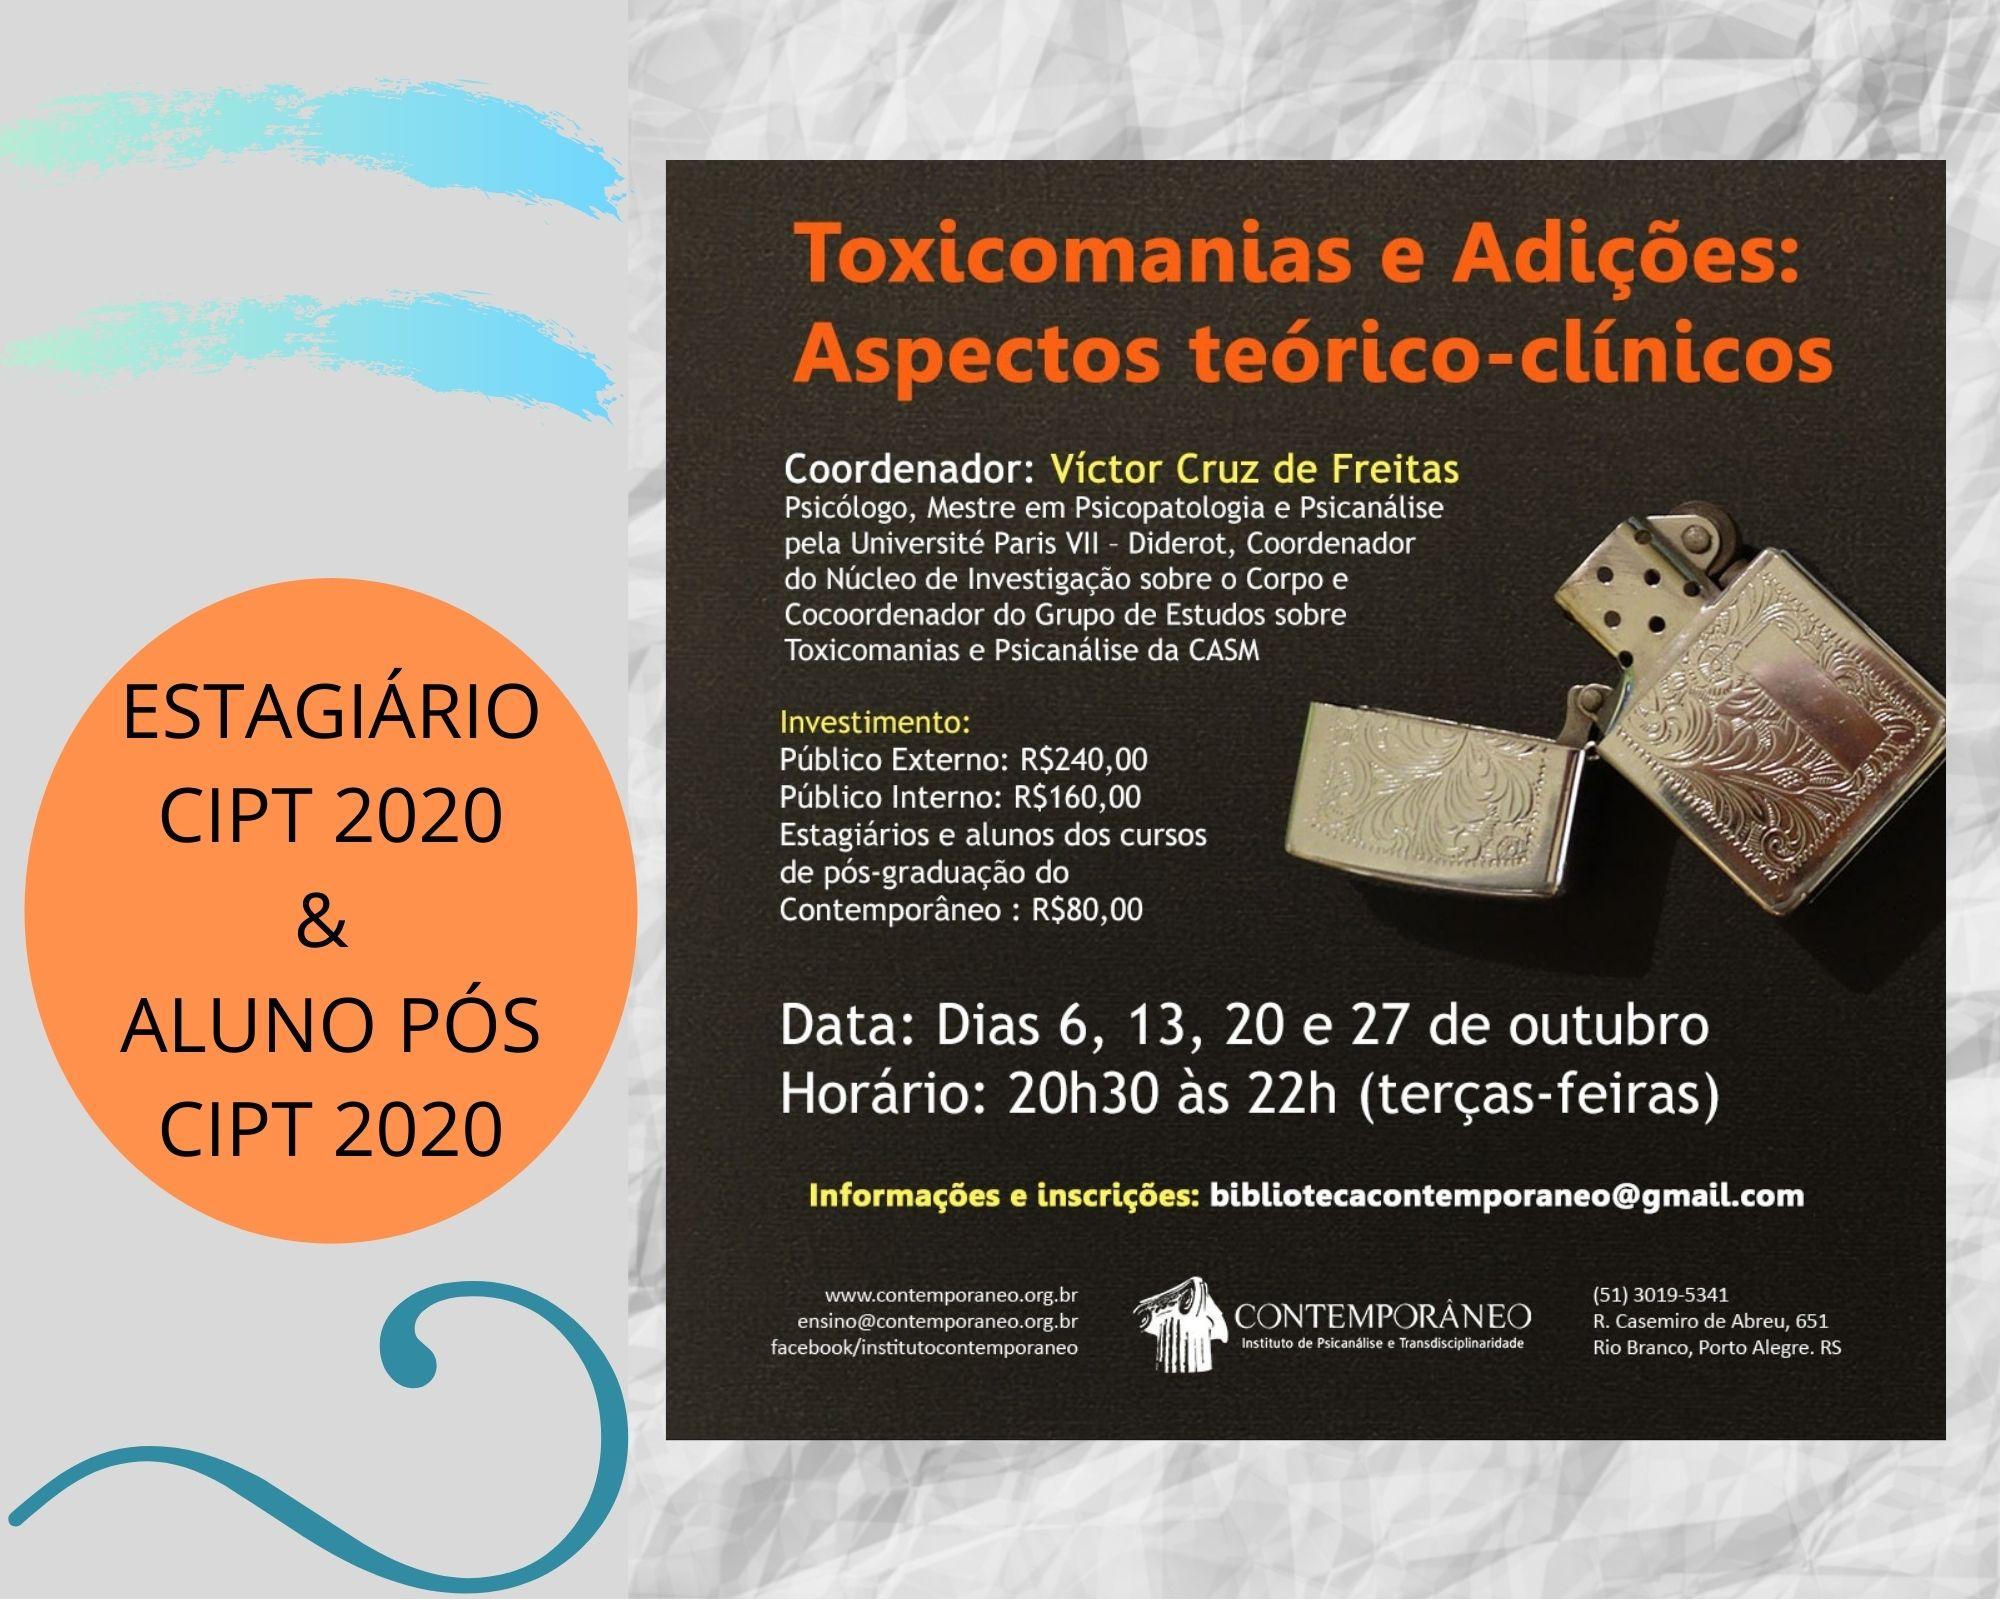 Curso para Toxicomanias e Adições - Alunos CIPT 2020 / Estagiários CIPT 2020